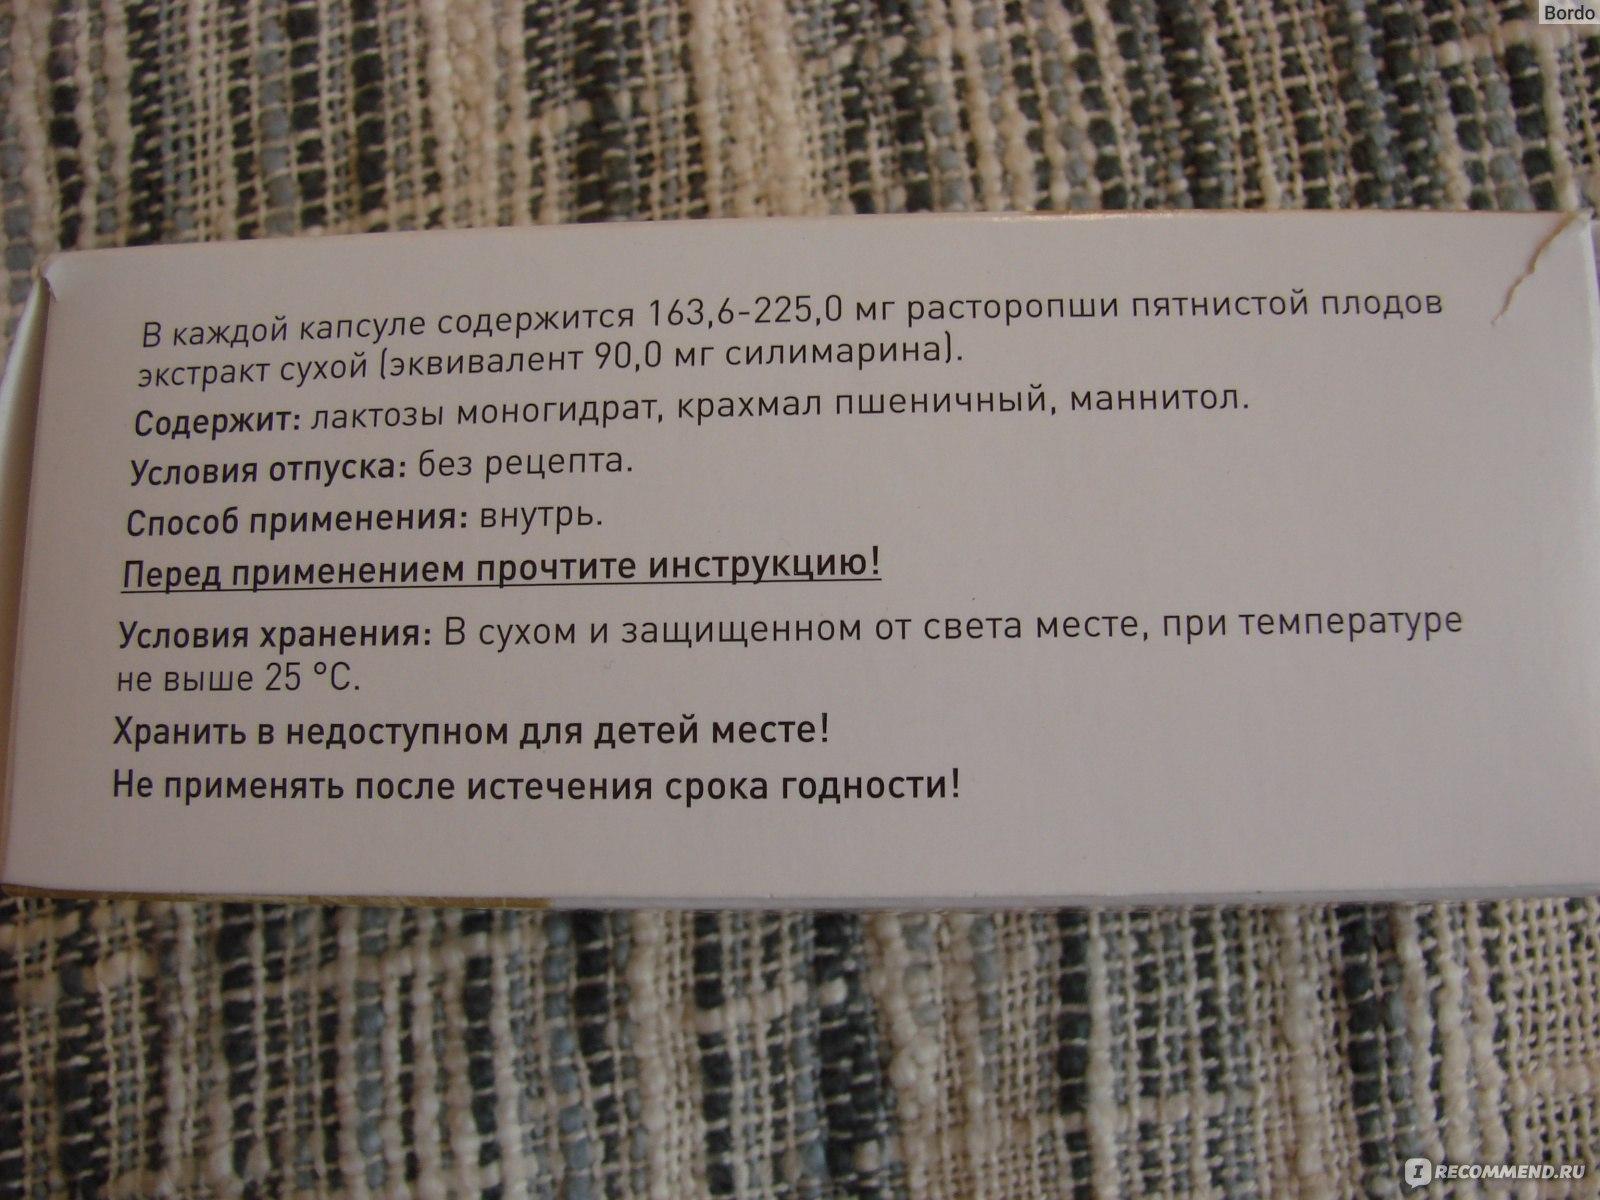 Карсил форте: инструкция по применению, аналоги и отзывы, цены в аптеках россии